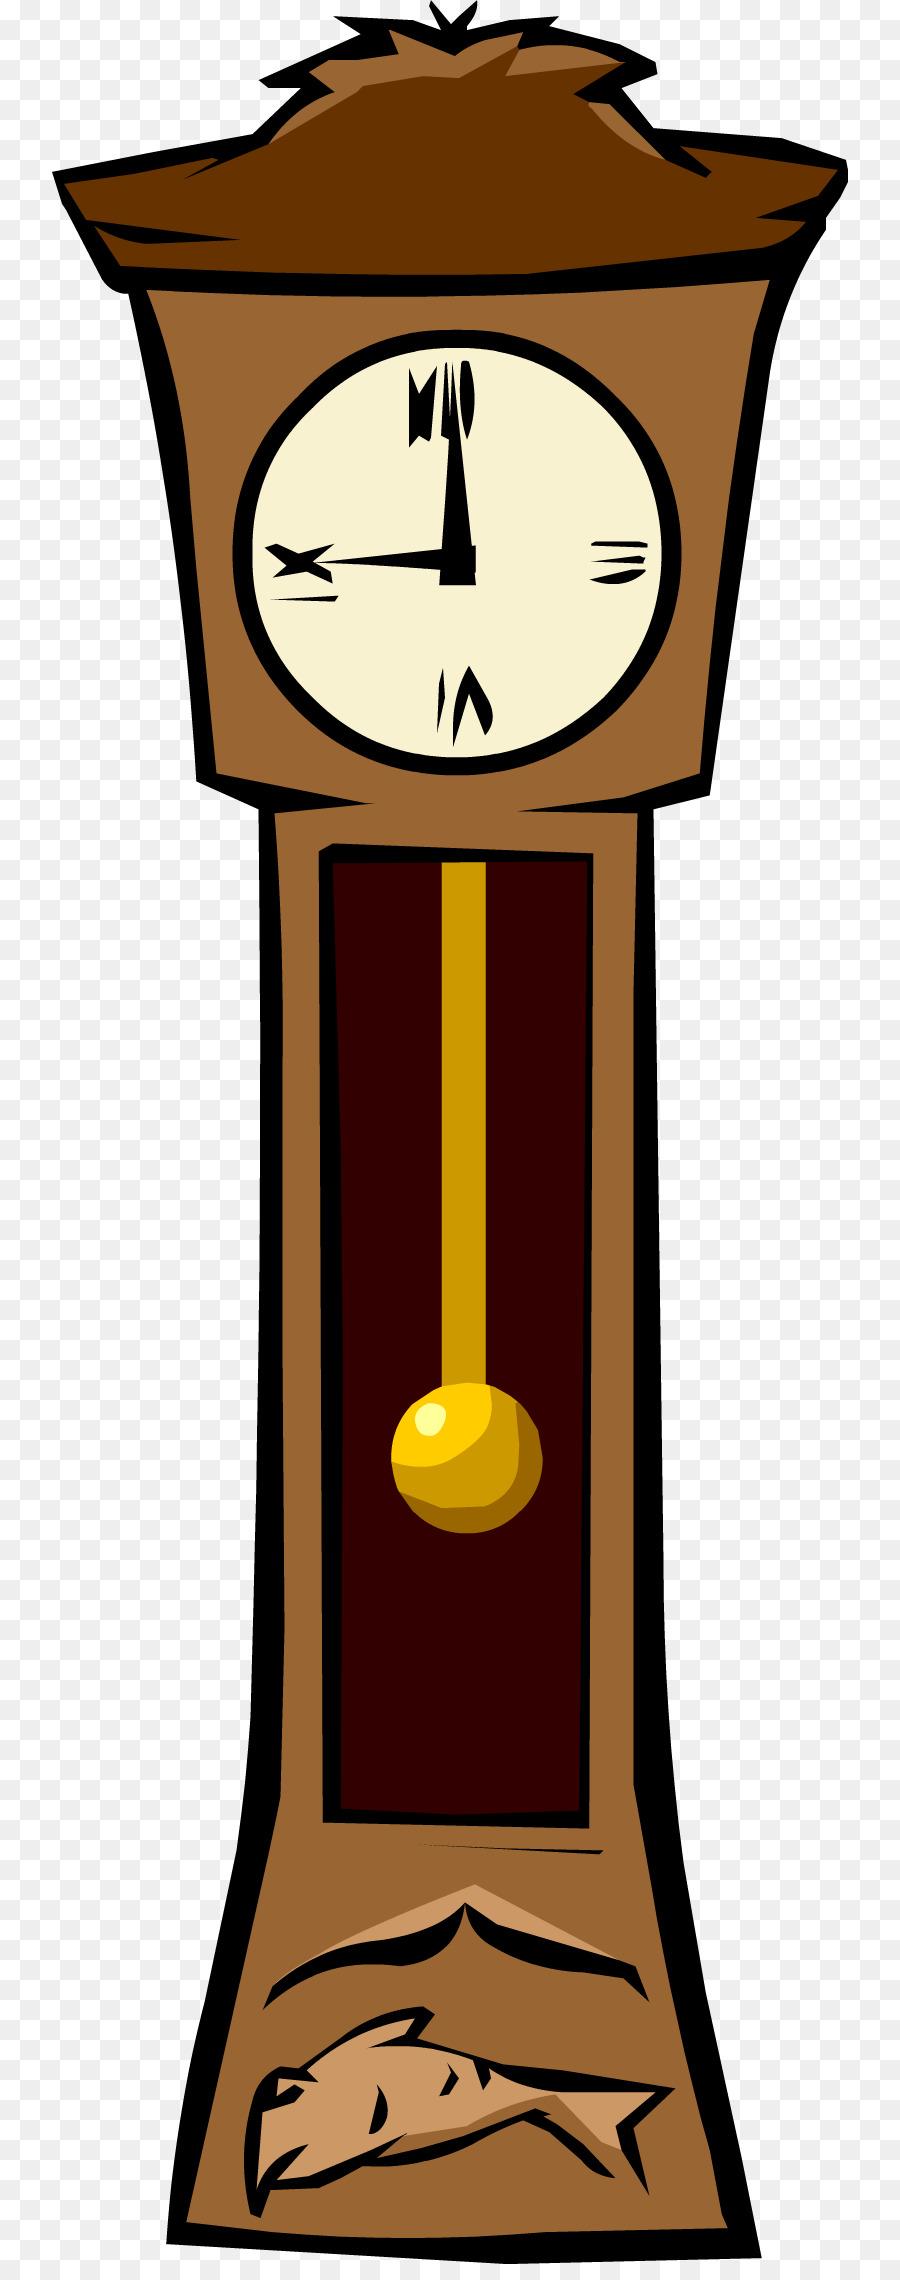 club penguin floor grandfather clocks clip art grandfather clock rh kisspng com grandfather clock clip art public domain